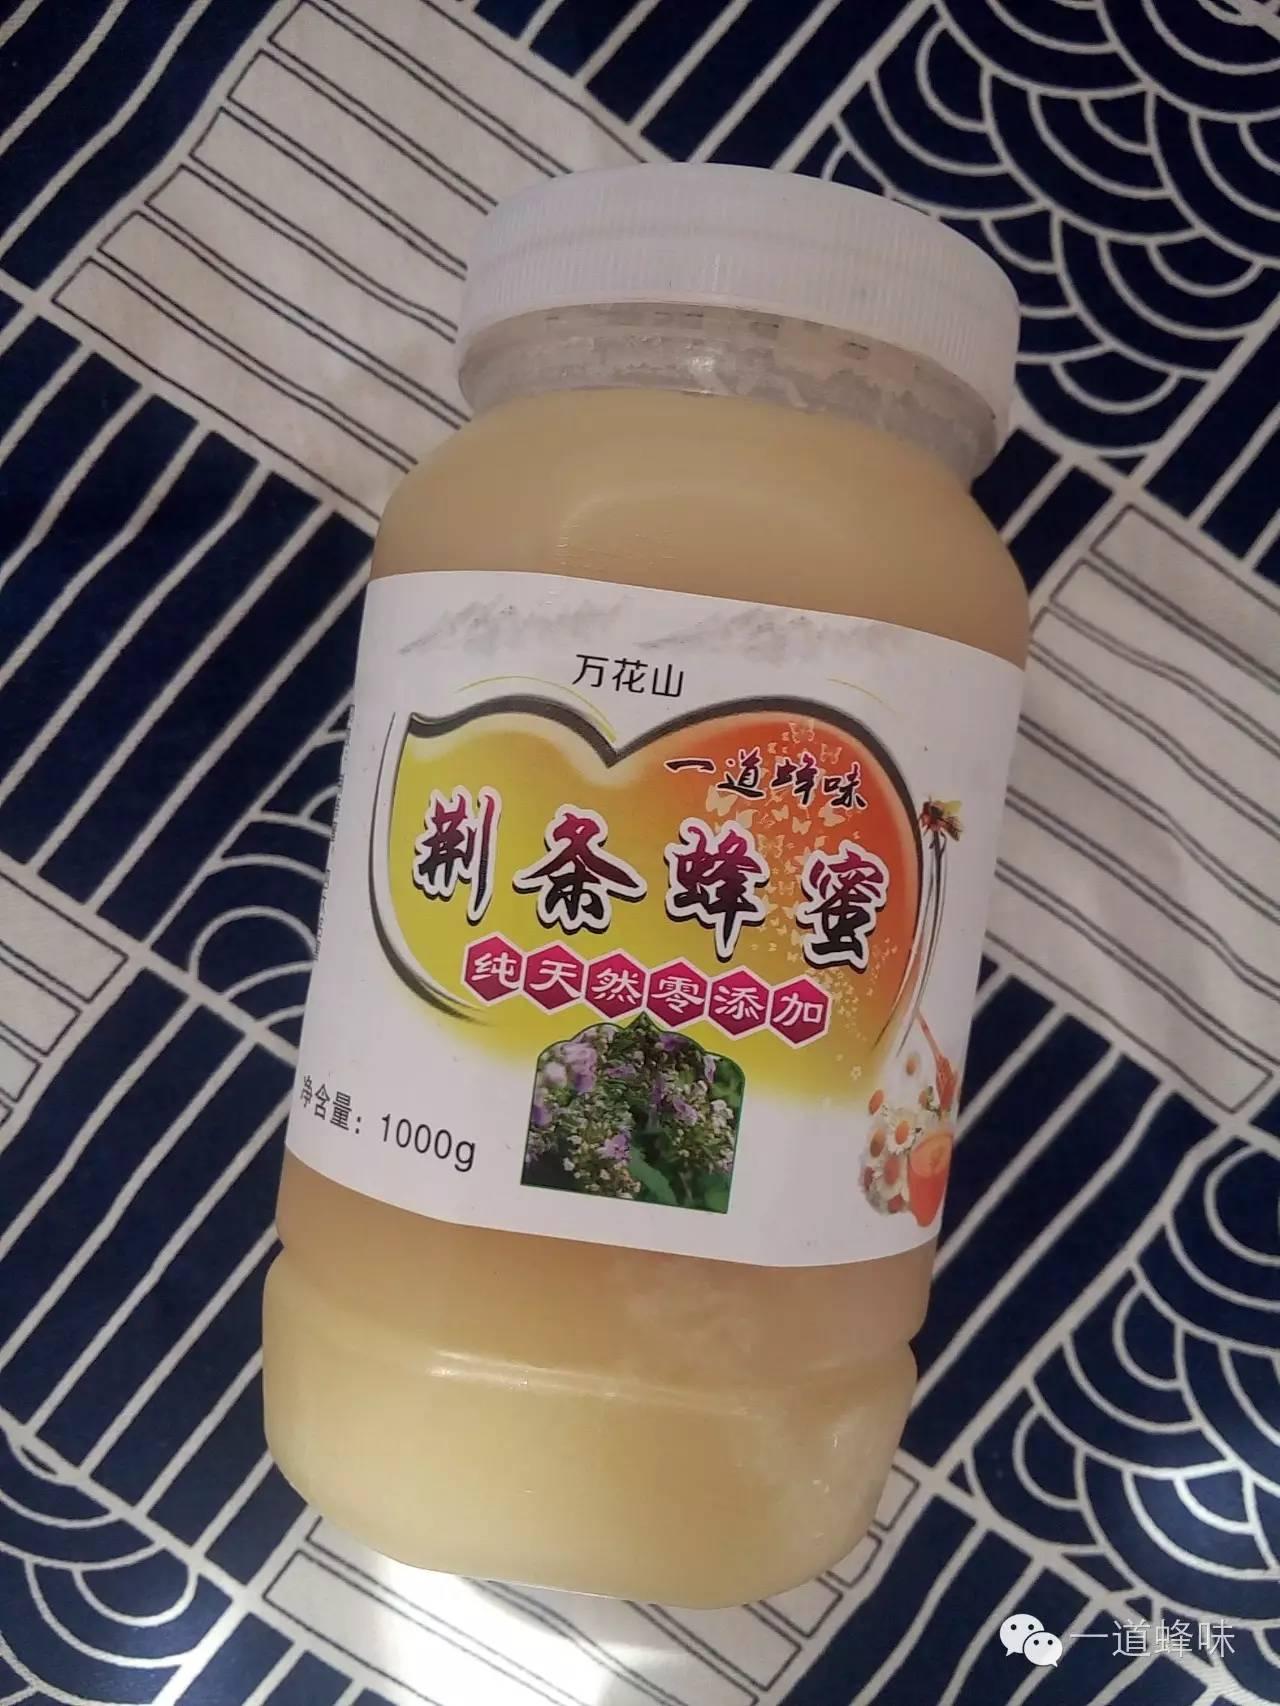 蜂胶 有毒 卖蜂蜜 蜂蜜肥皂 肝脏